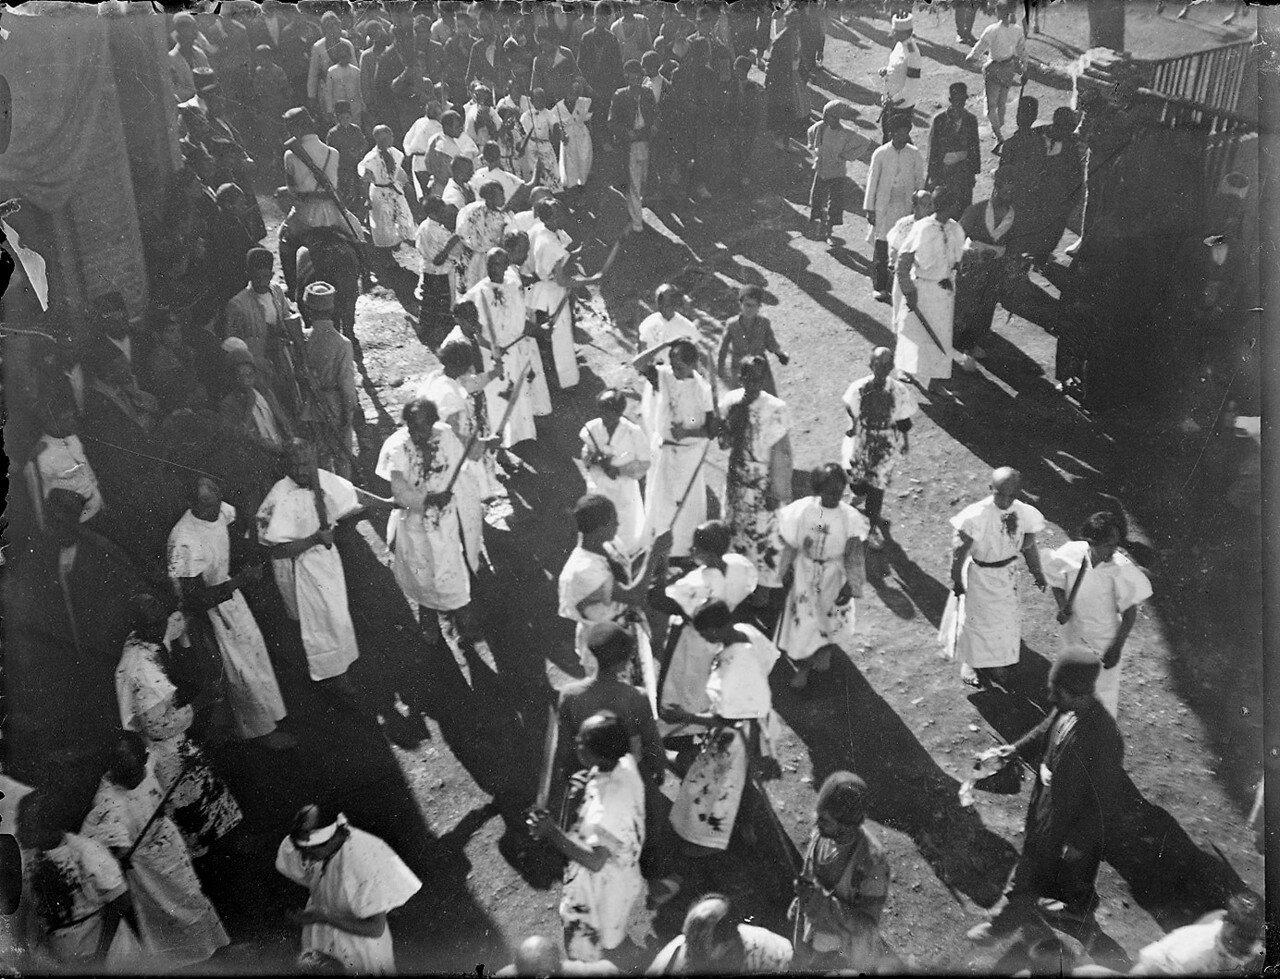 Тегеран. Ашура (также известен как Шахсей-вахсей) у шиитов день поминовения имама Хусейна